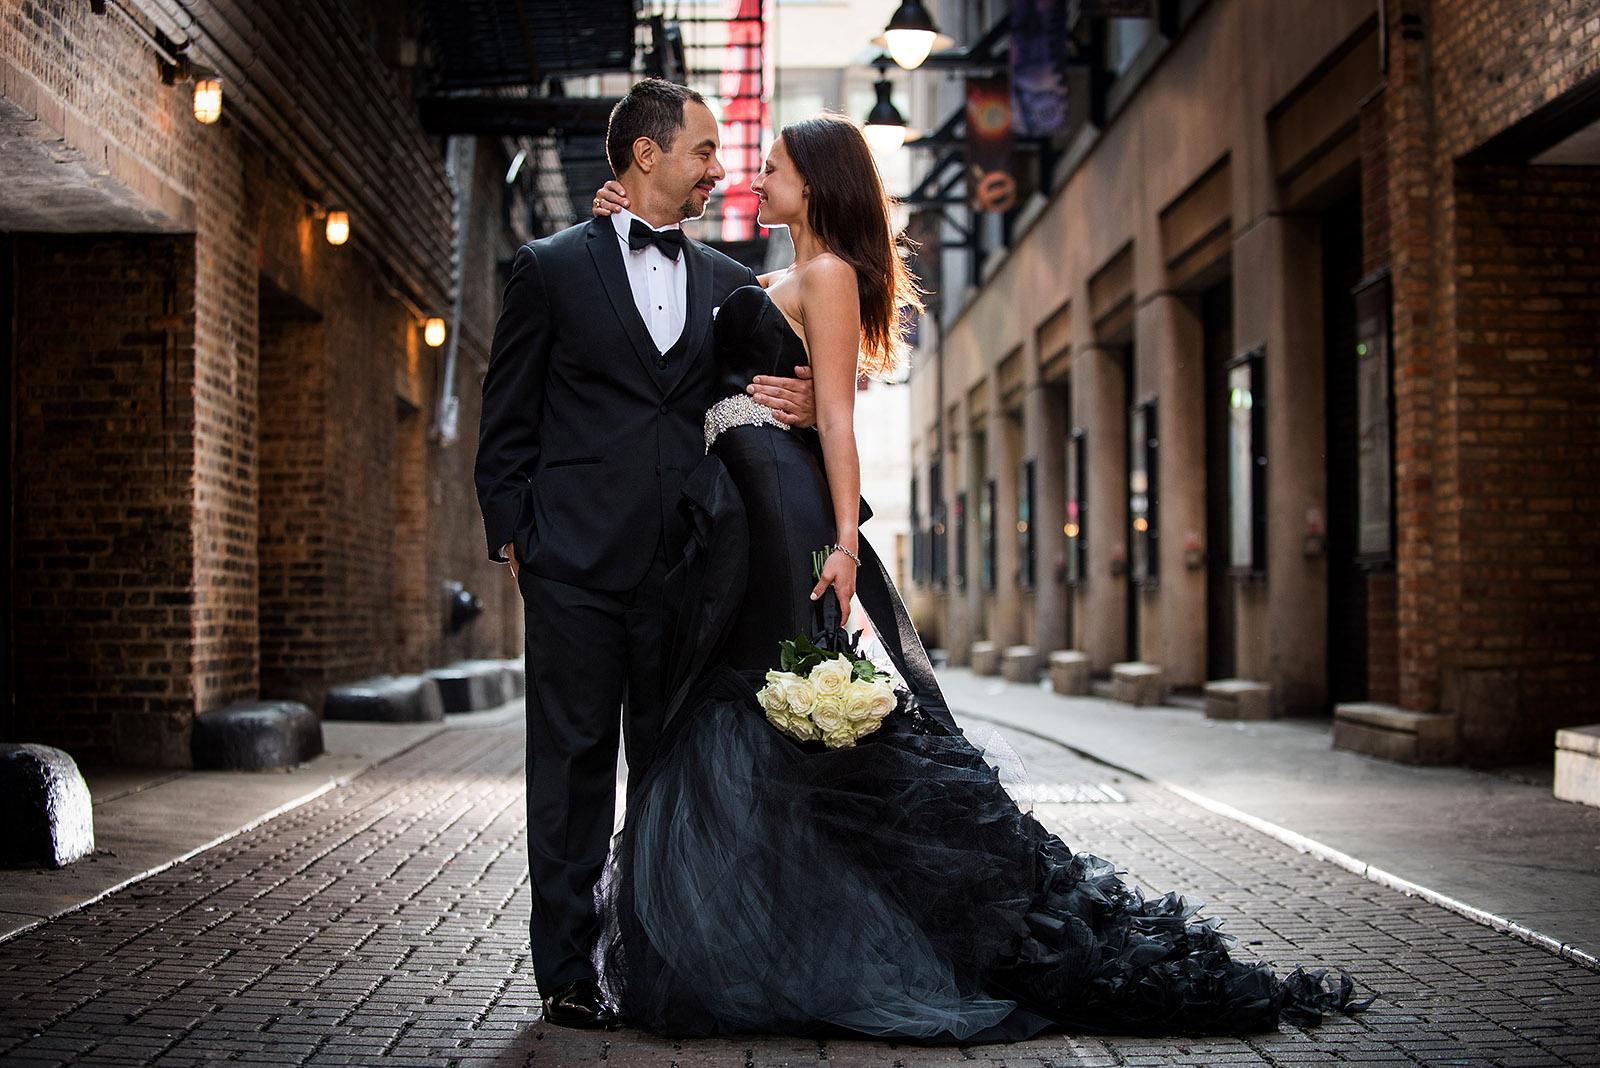 Black Wedding Gown Bride Groom